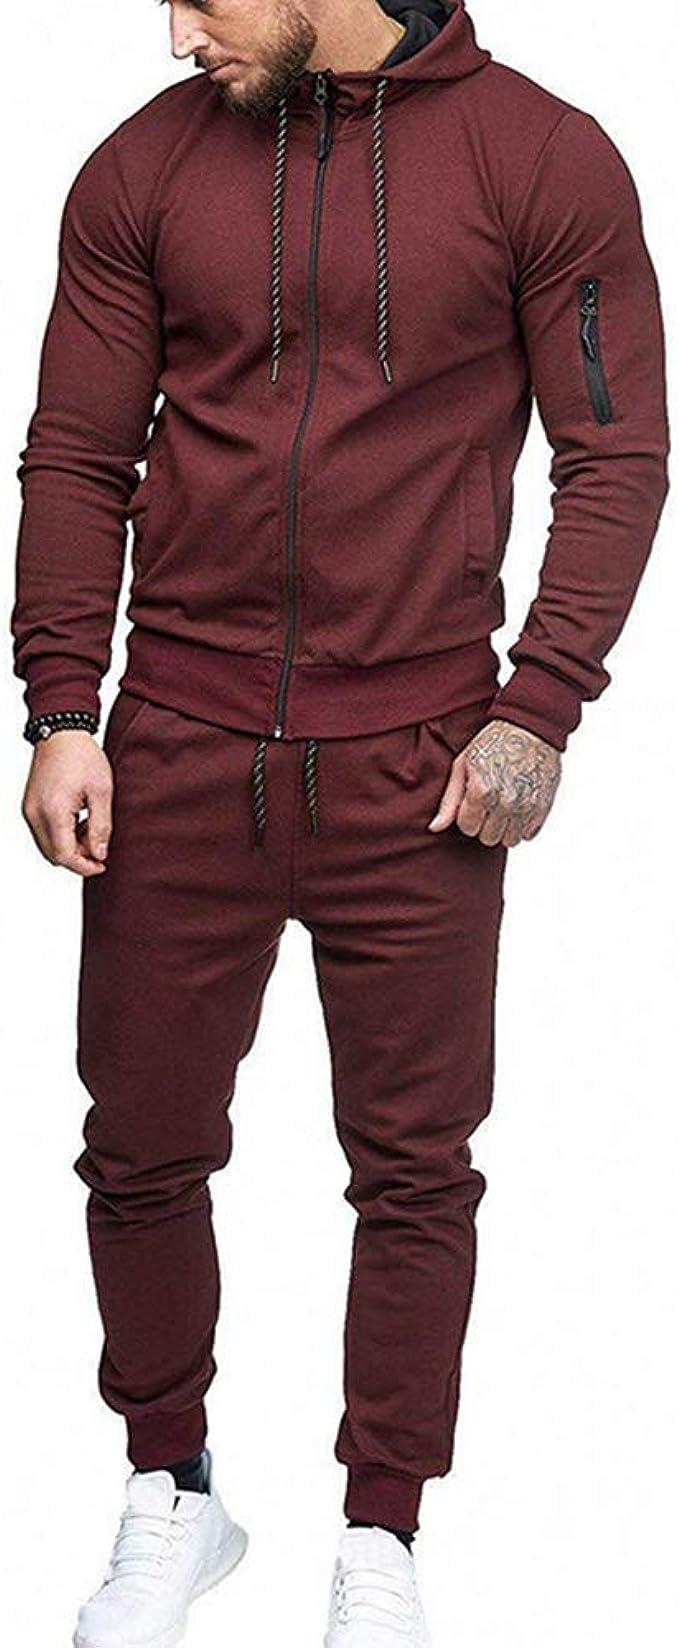 Long Pant Tracksuit Athletic Apparel Suit Set Mens Slim Fit Zip Cotton Jacket